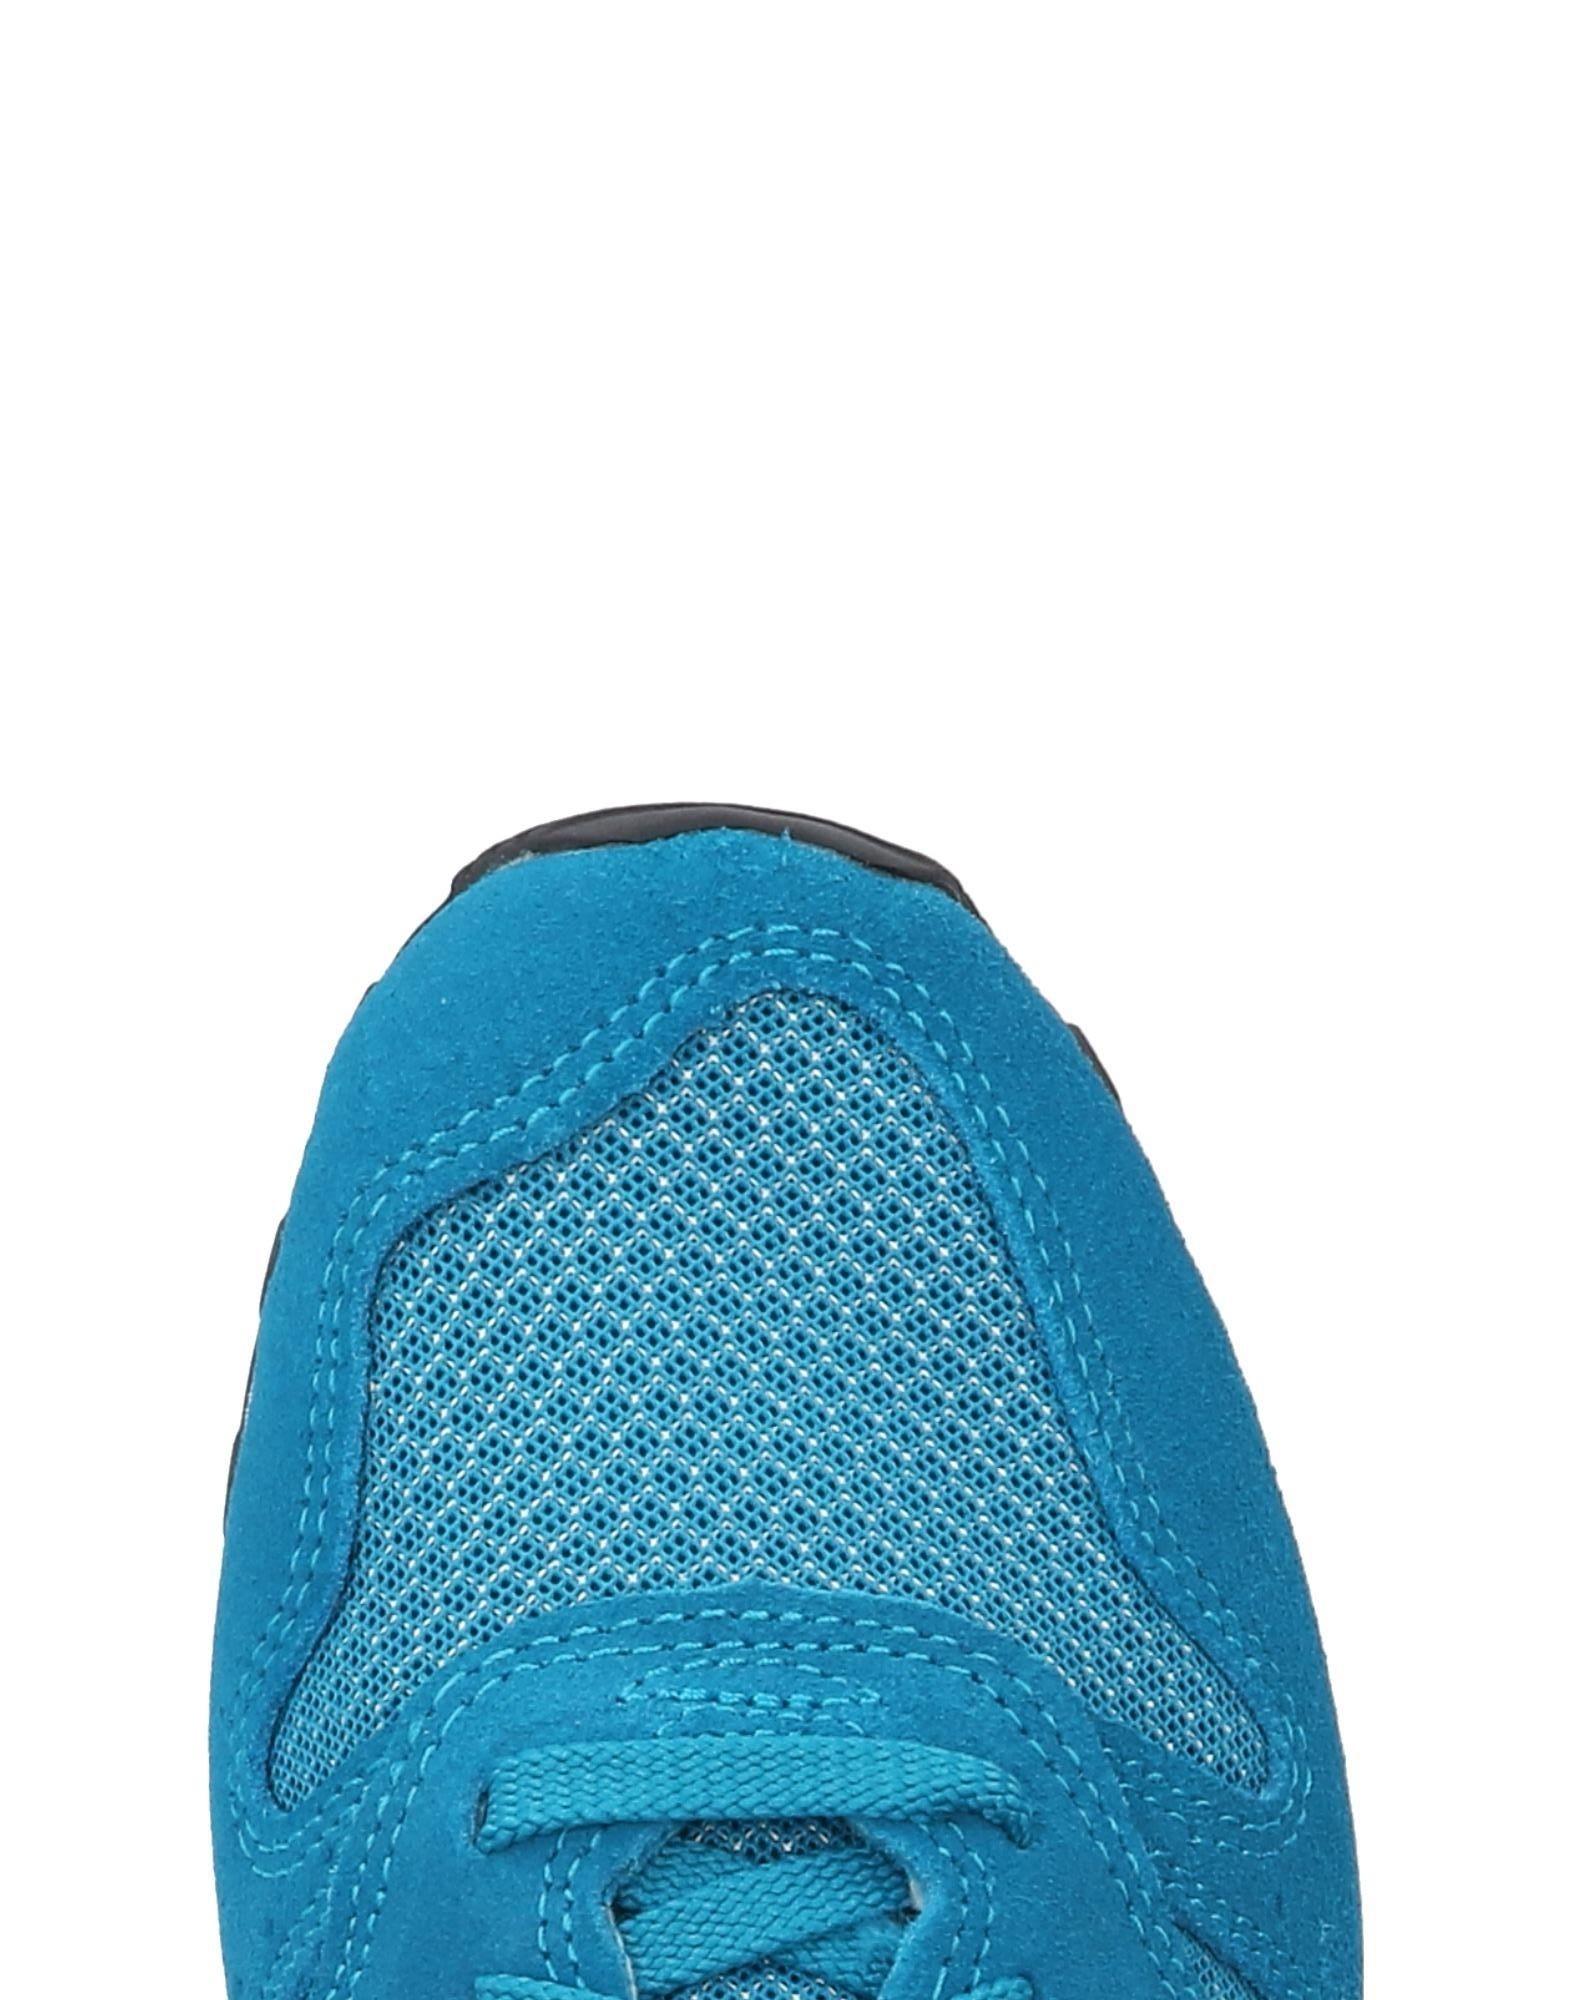 New Balance Sneakers Qualität Damen  11486566TK Gute Qualität Sneakers beliebte Schuhe 947fe6